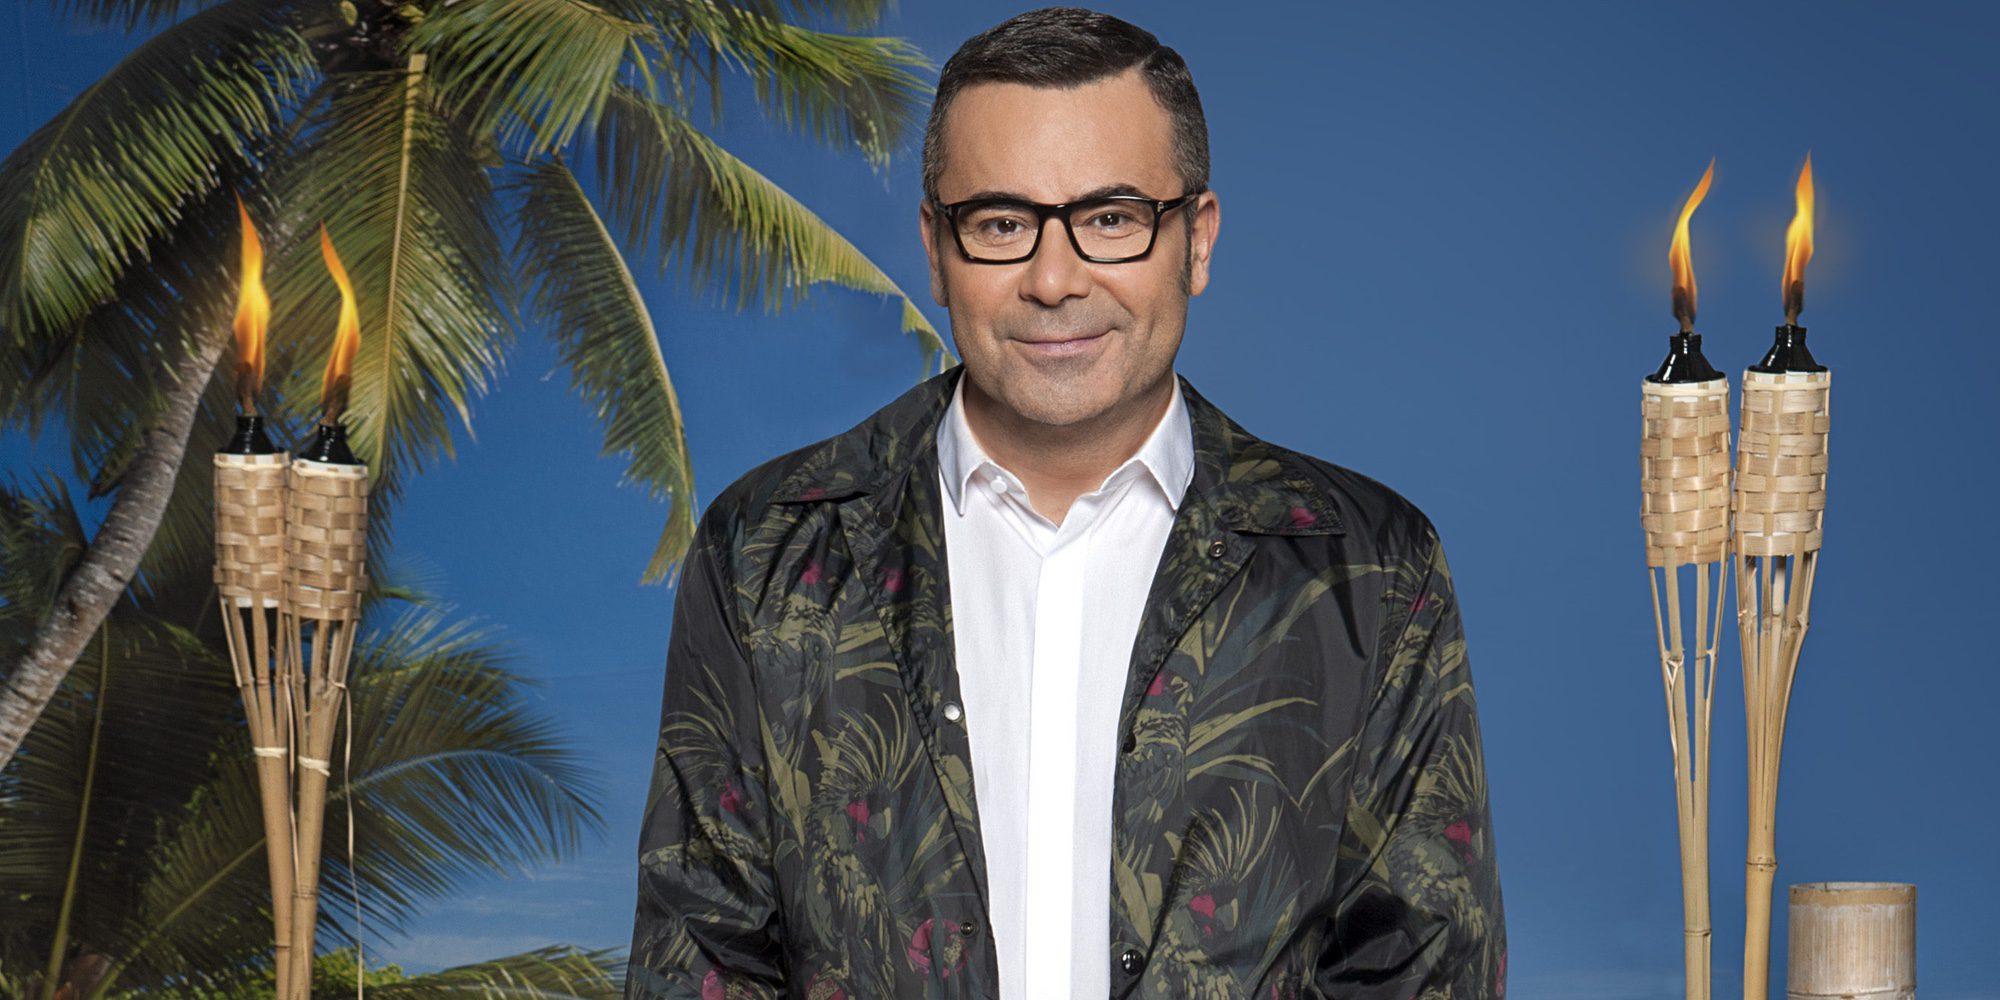 Jorge Javier Vázquez se va de viaje a Maldivas para desconectar